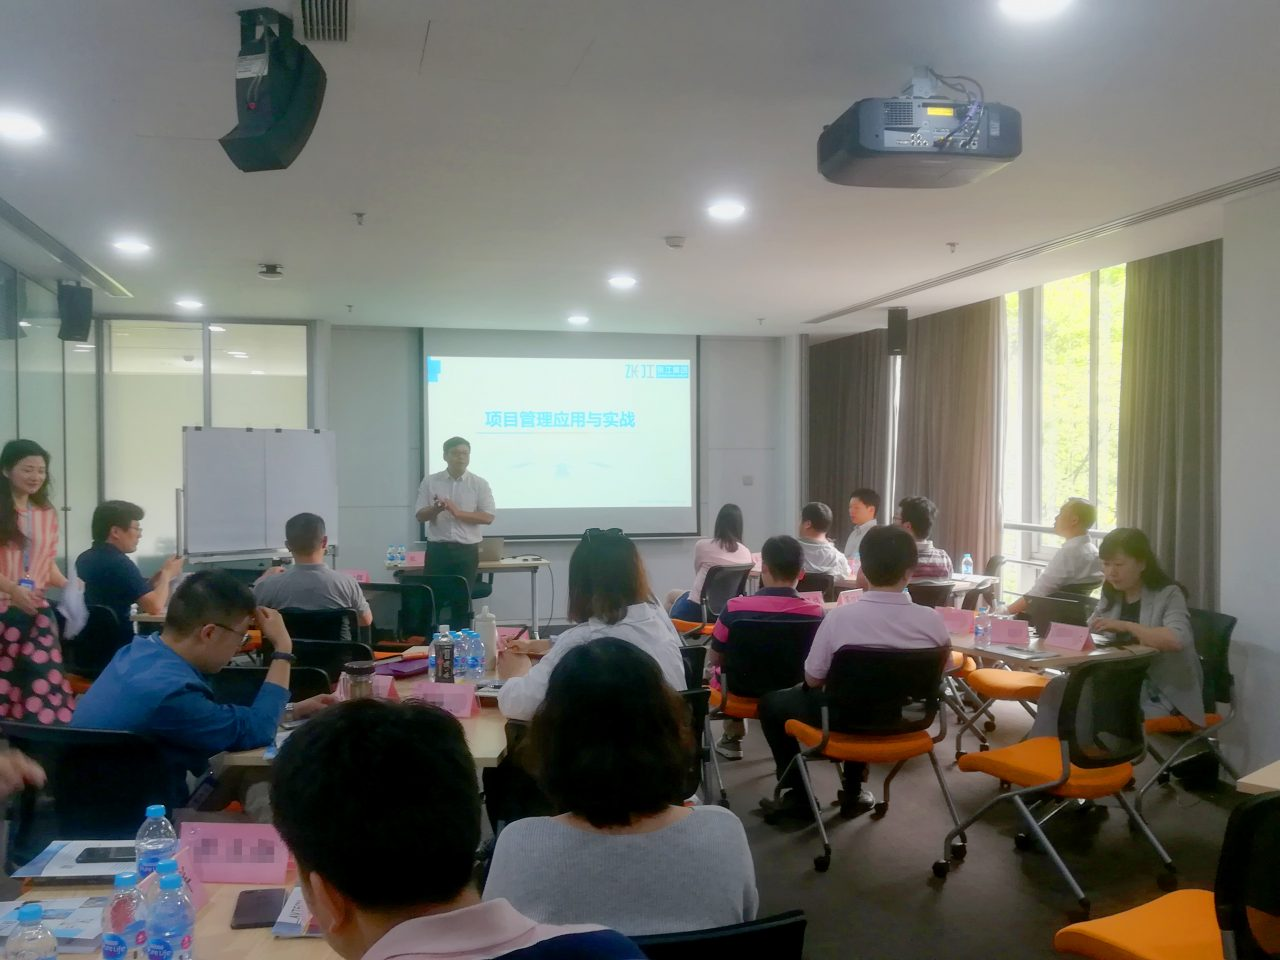 强化项目管理能力,项目管理与应用实战培训于张江集团圆满结课